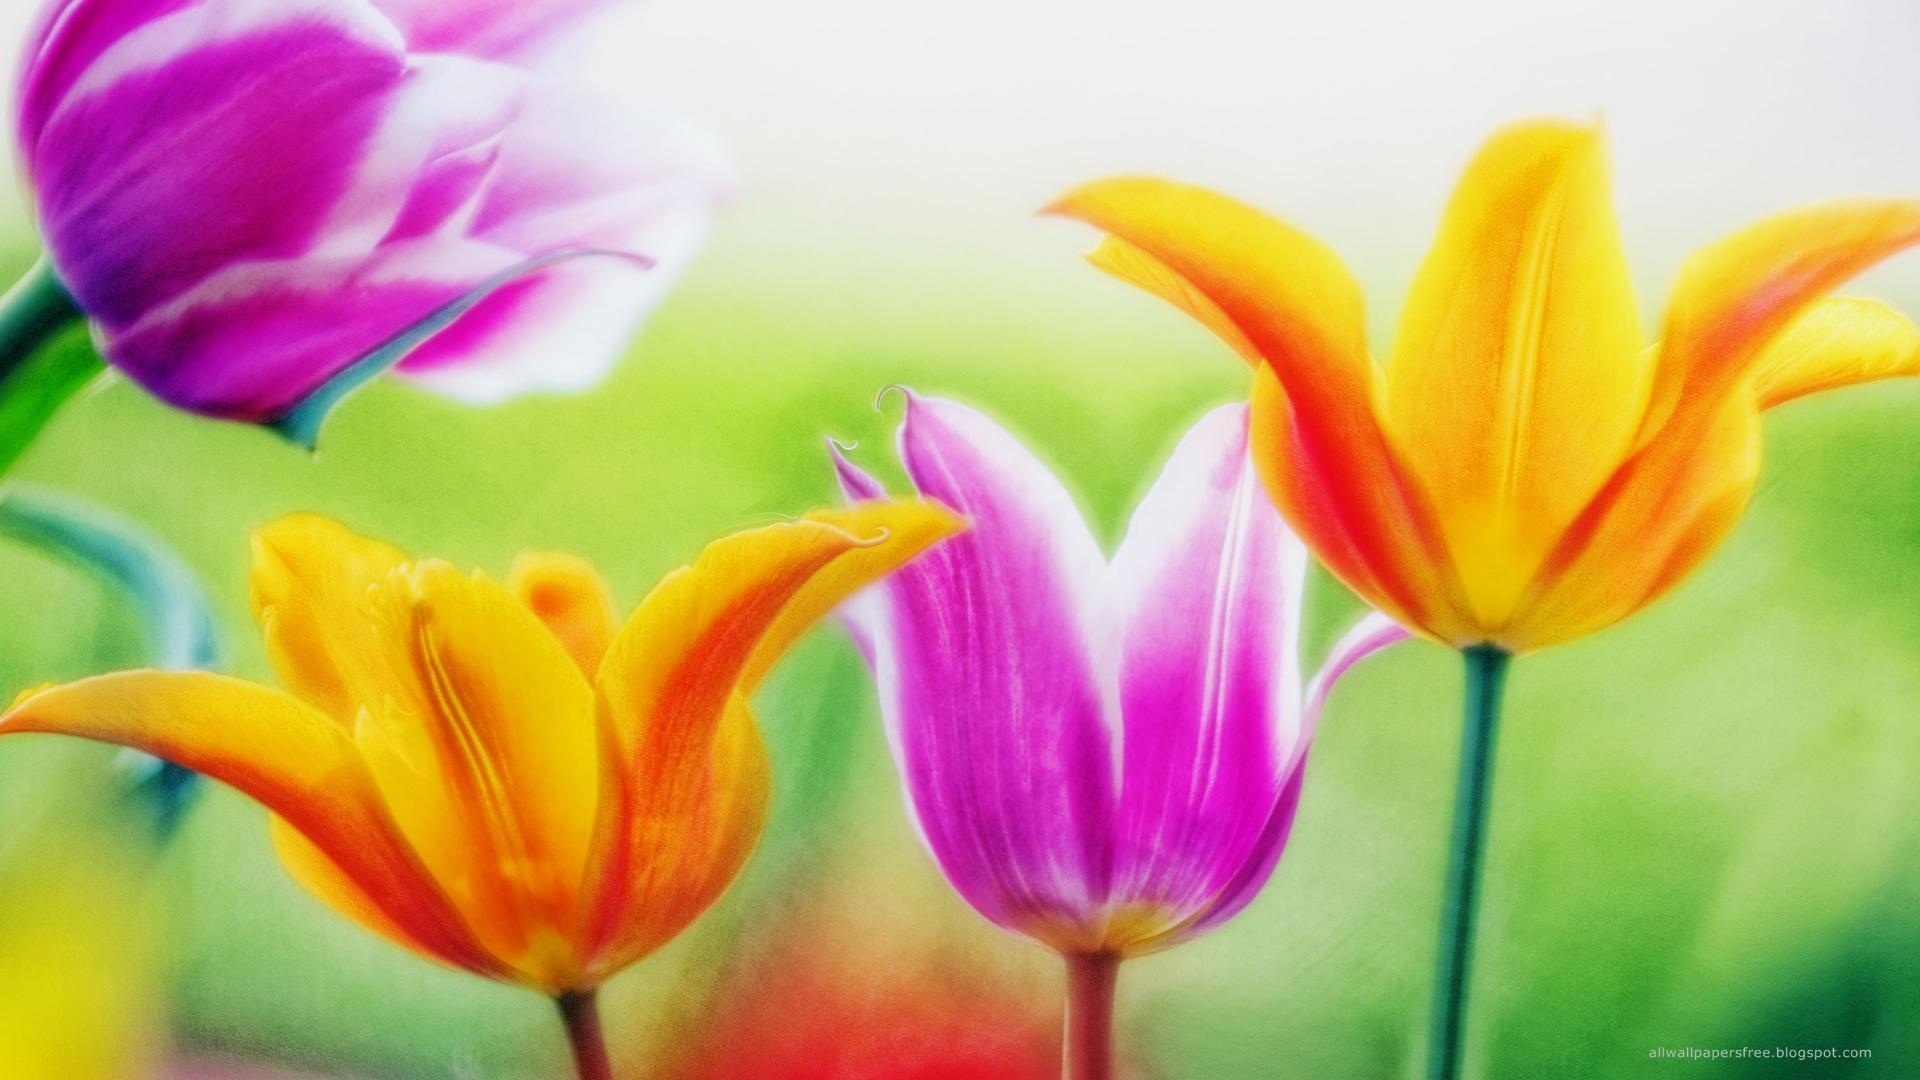 Dessins en couleurs imprimer fleurs num ro 19687 - Dessin de fleurs a imprimer en couleur ...